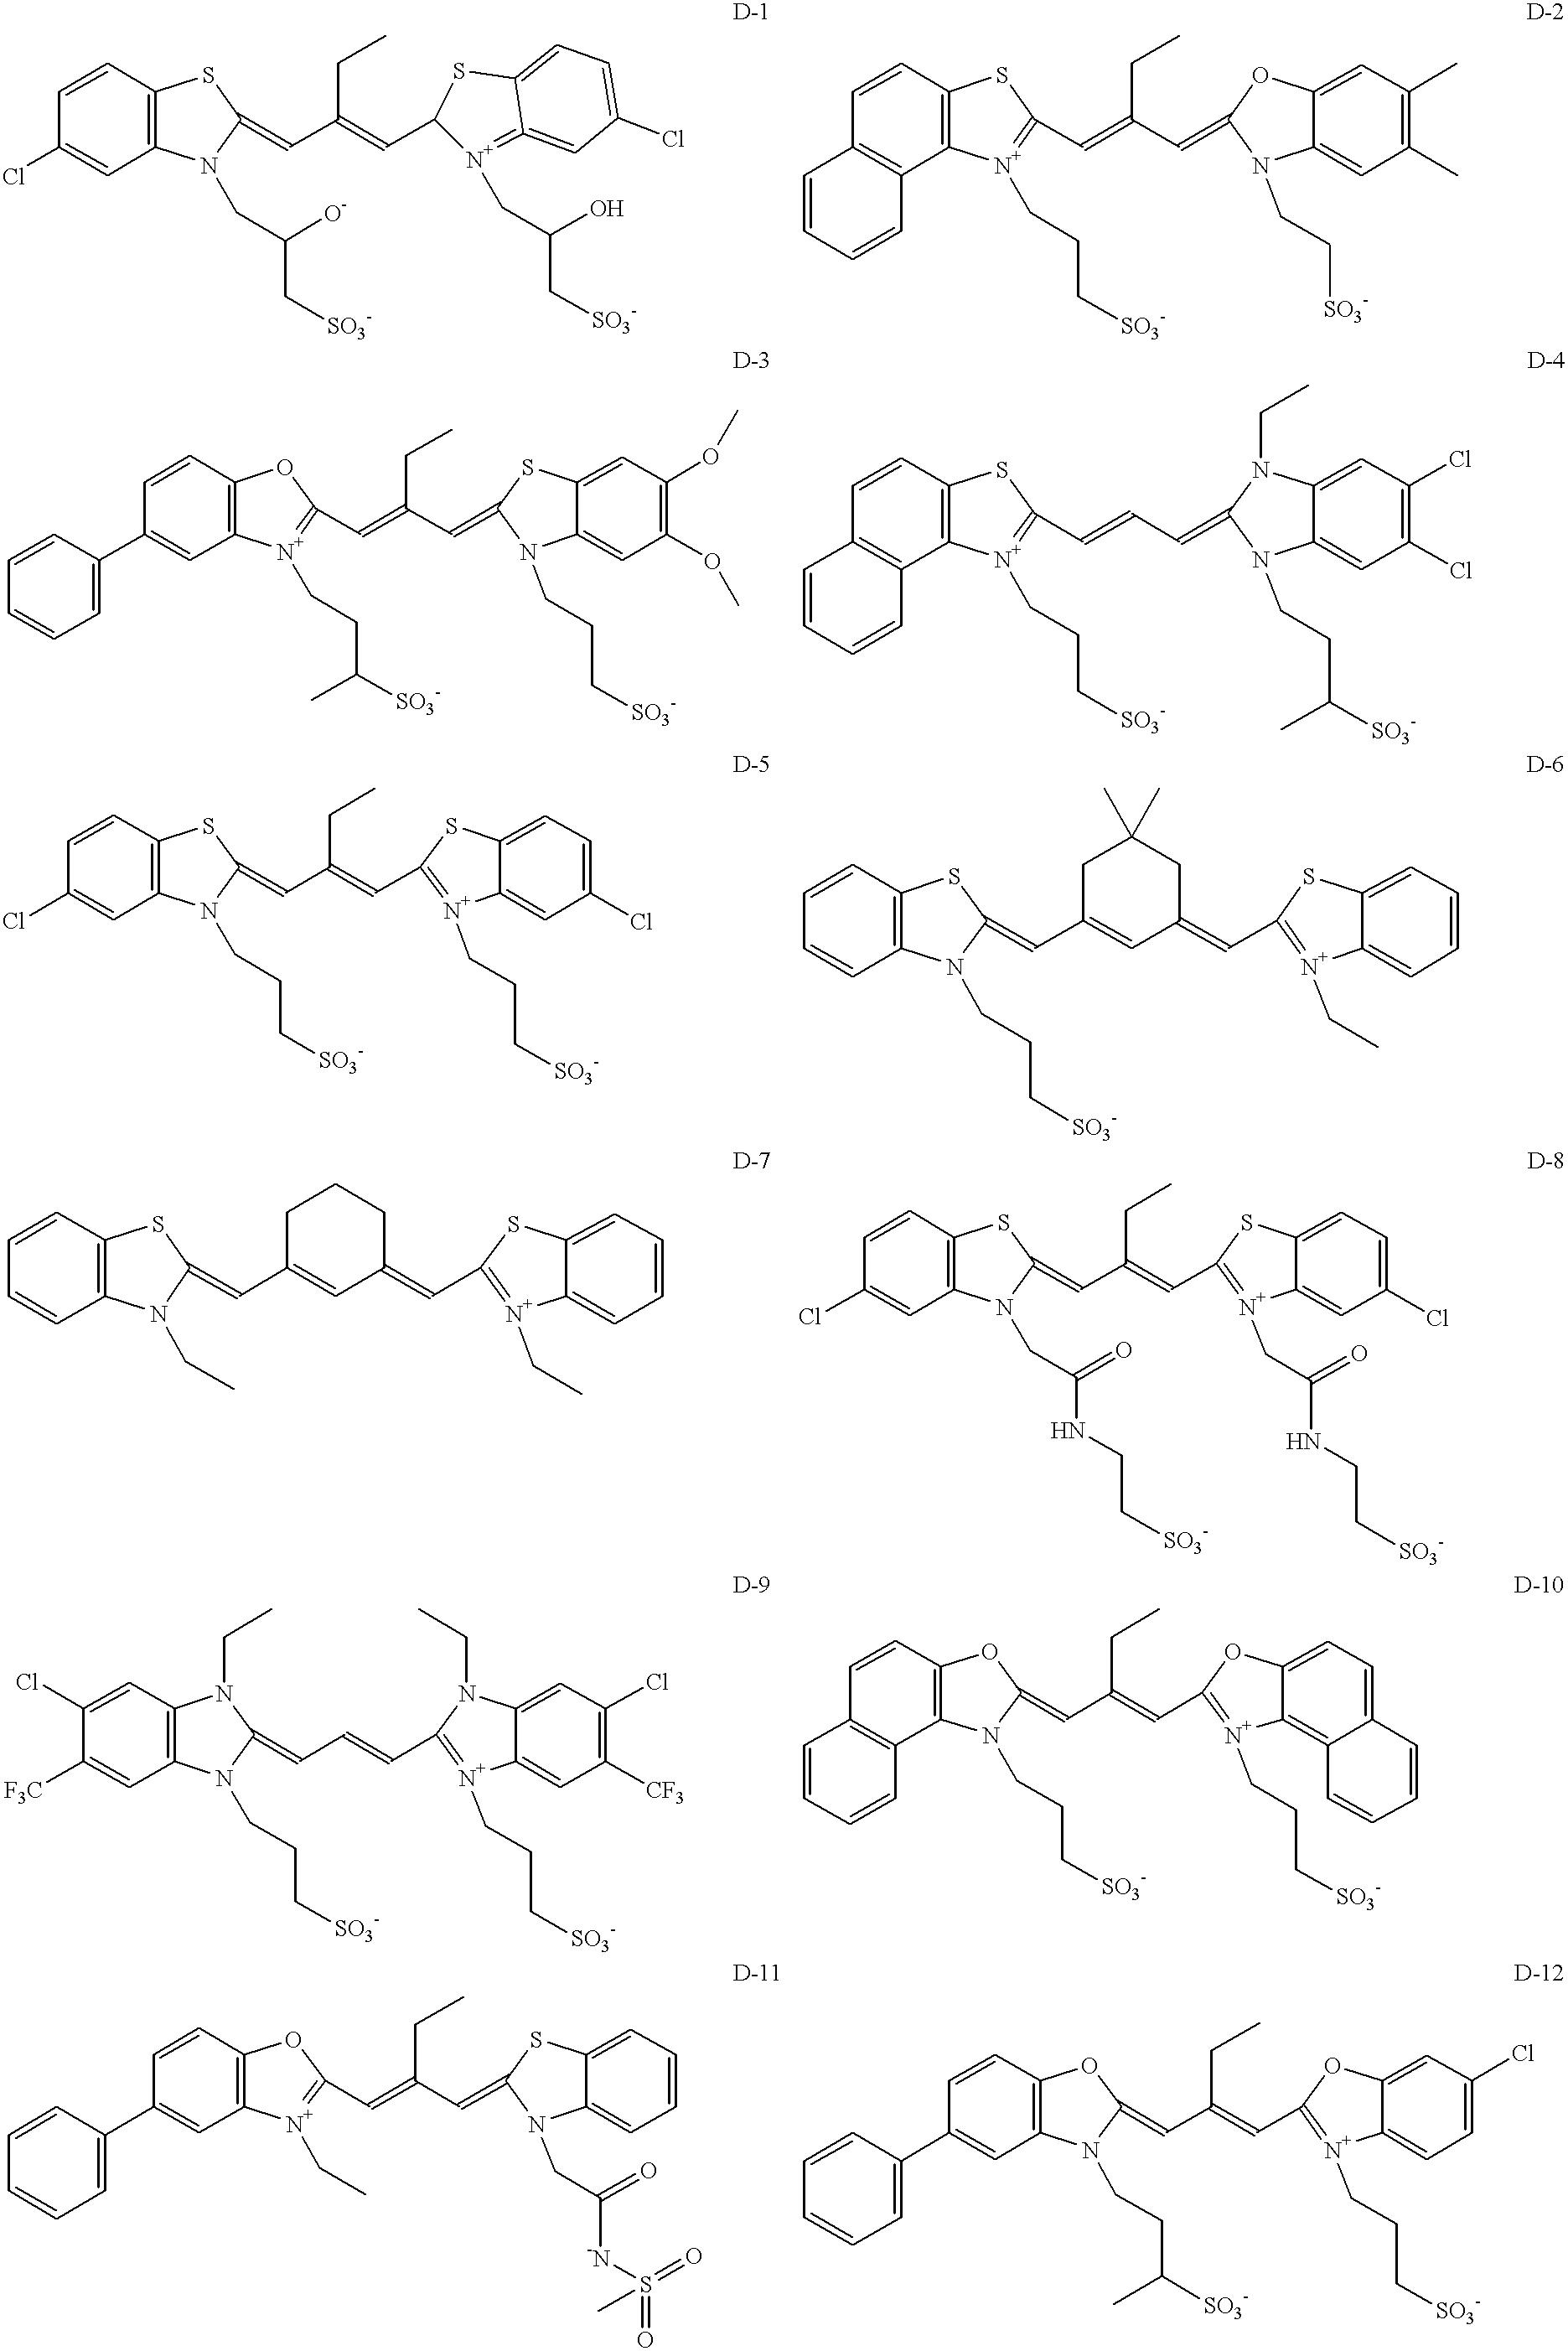 Figure US06376163-20020423-C00017